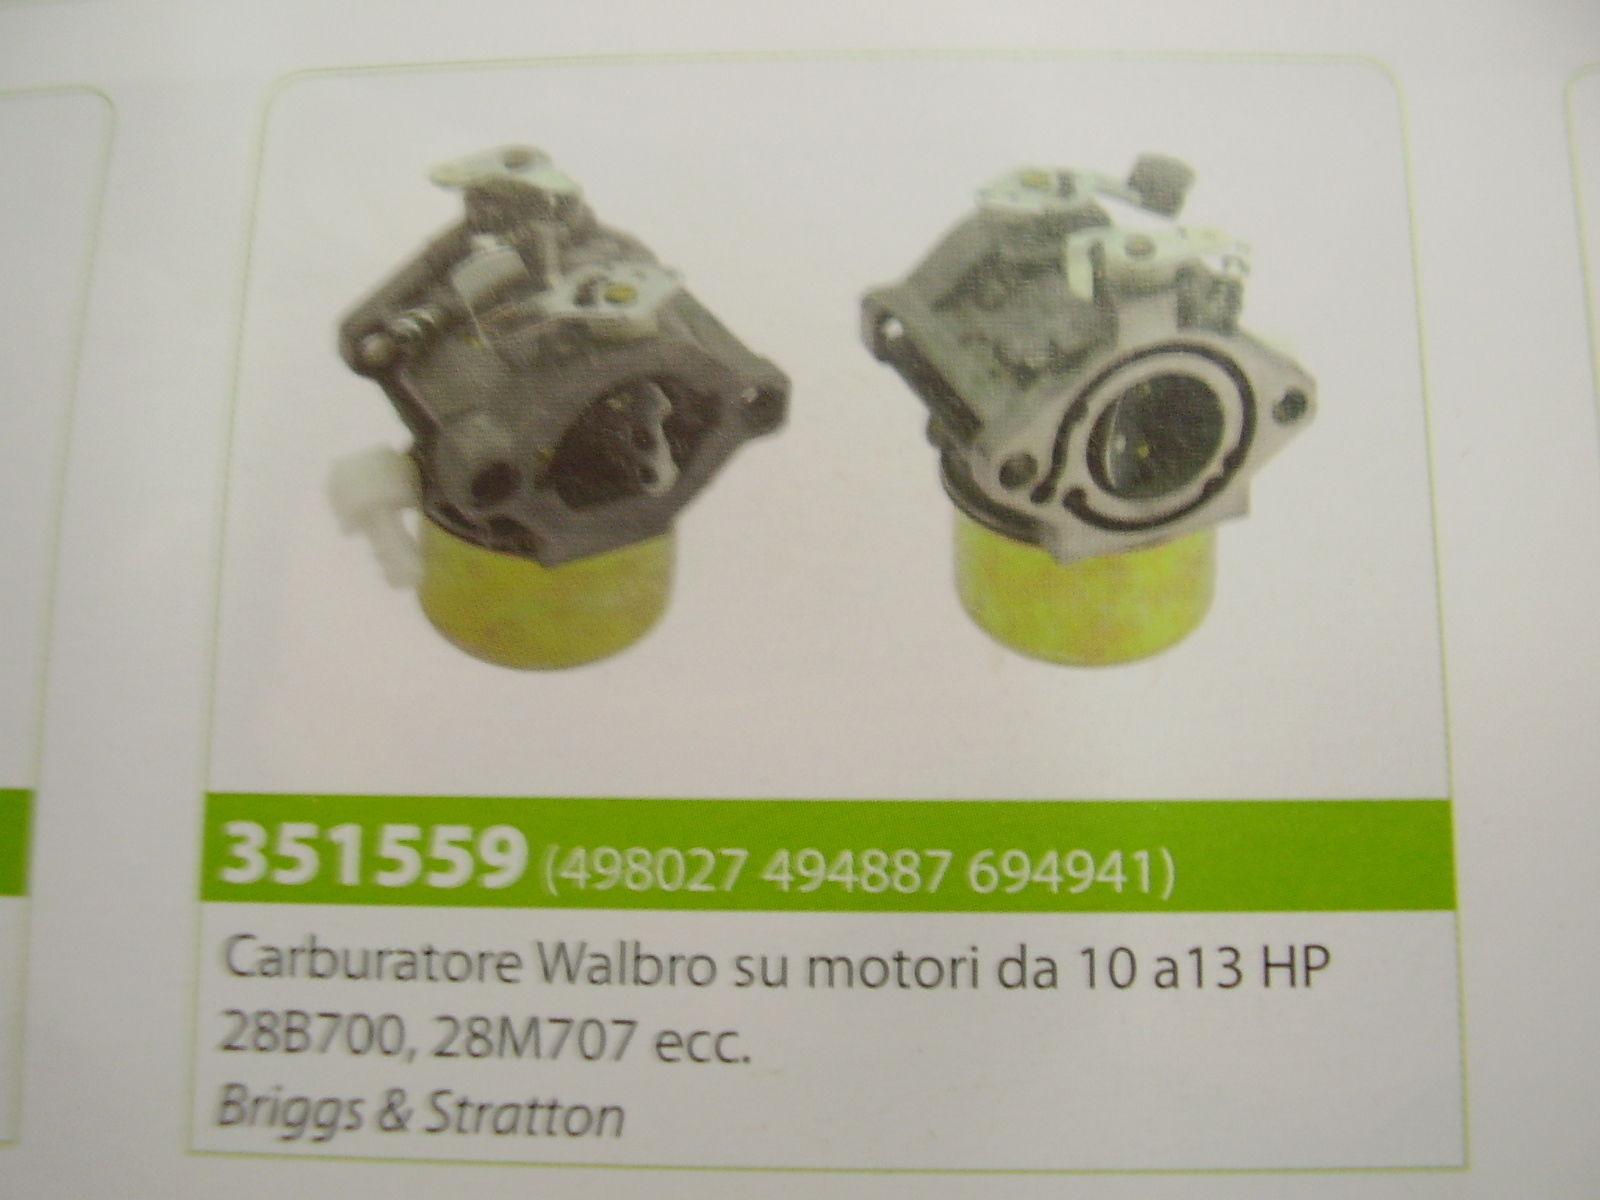 CARBURATORE MOTORE BRIGGS & STRATTON WALBRO SU MOTORI 10 A 13 HP 288700 - 28M707